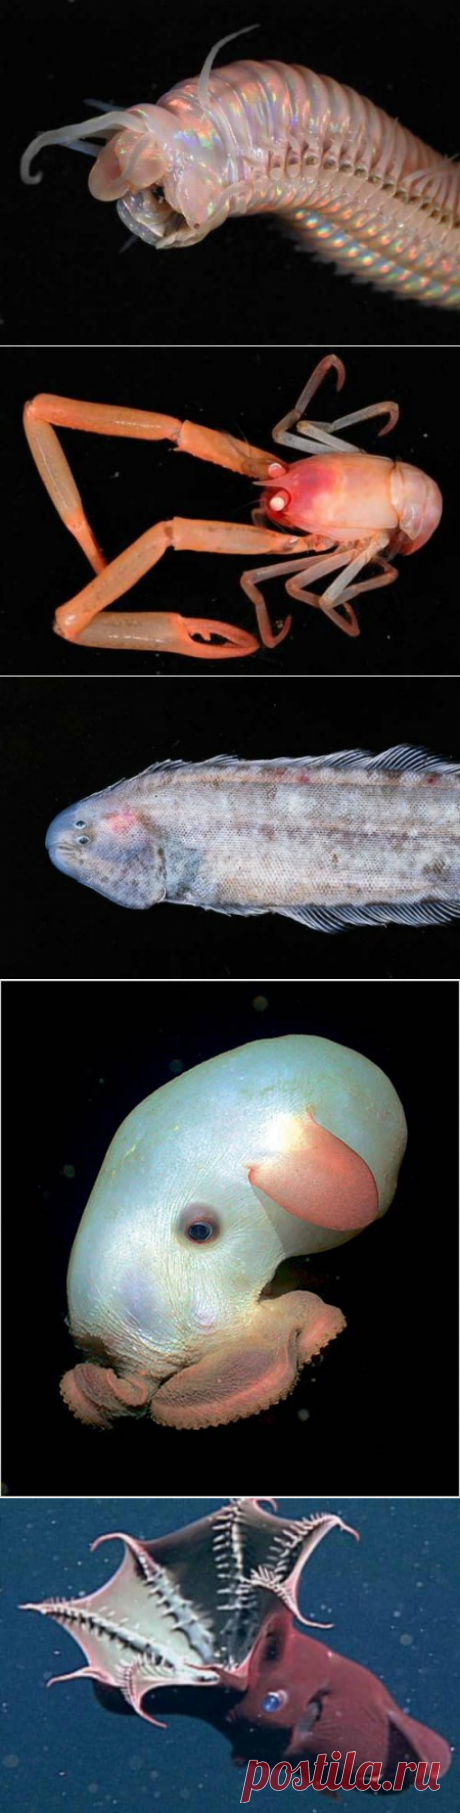 Глубинные существа, ошеломляющие своим видом — Наука и жизнь